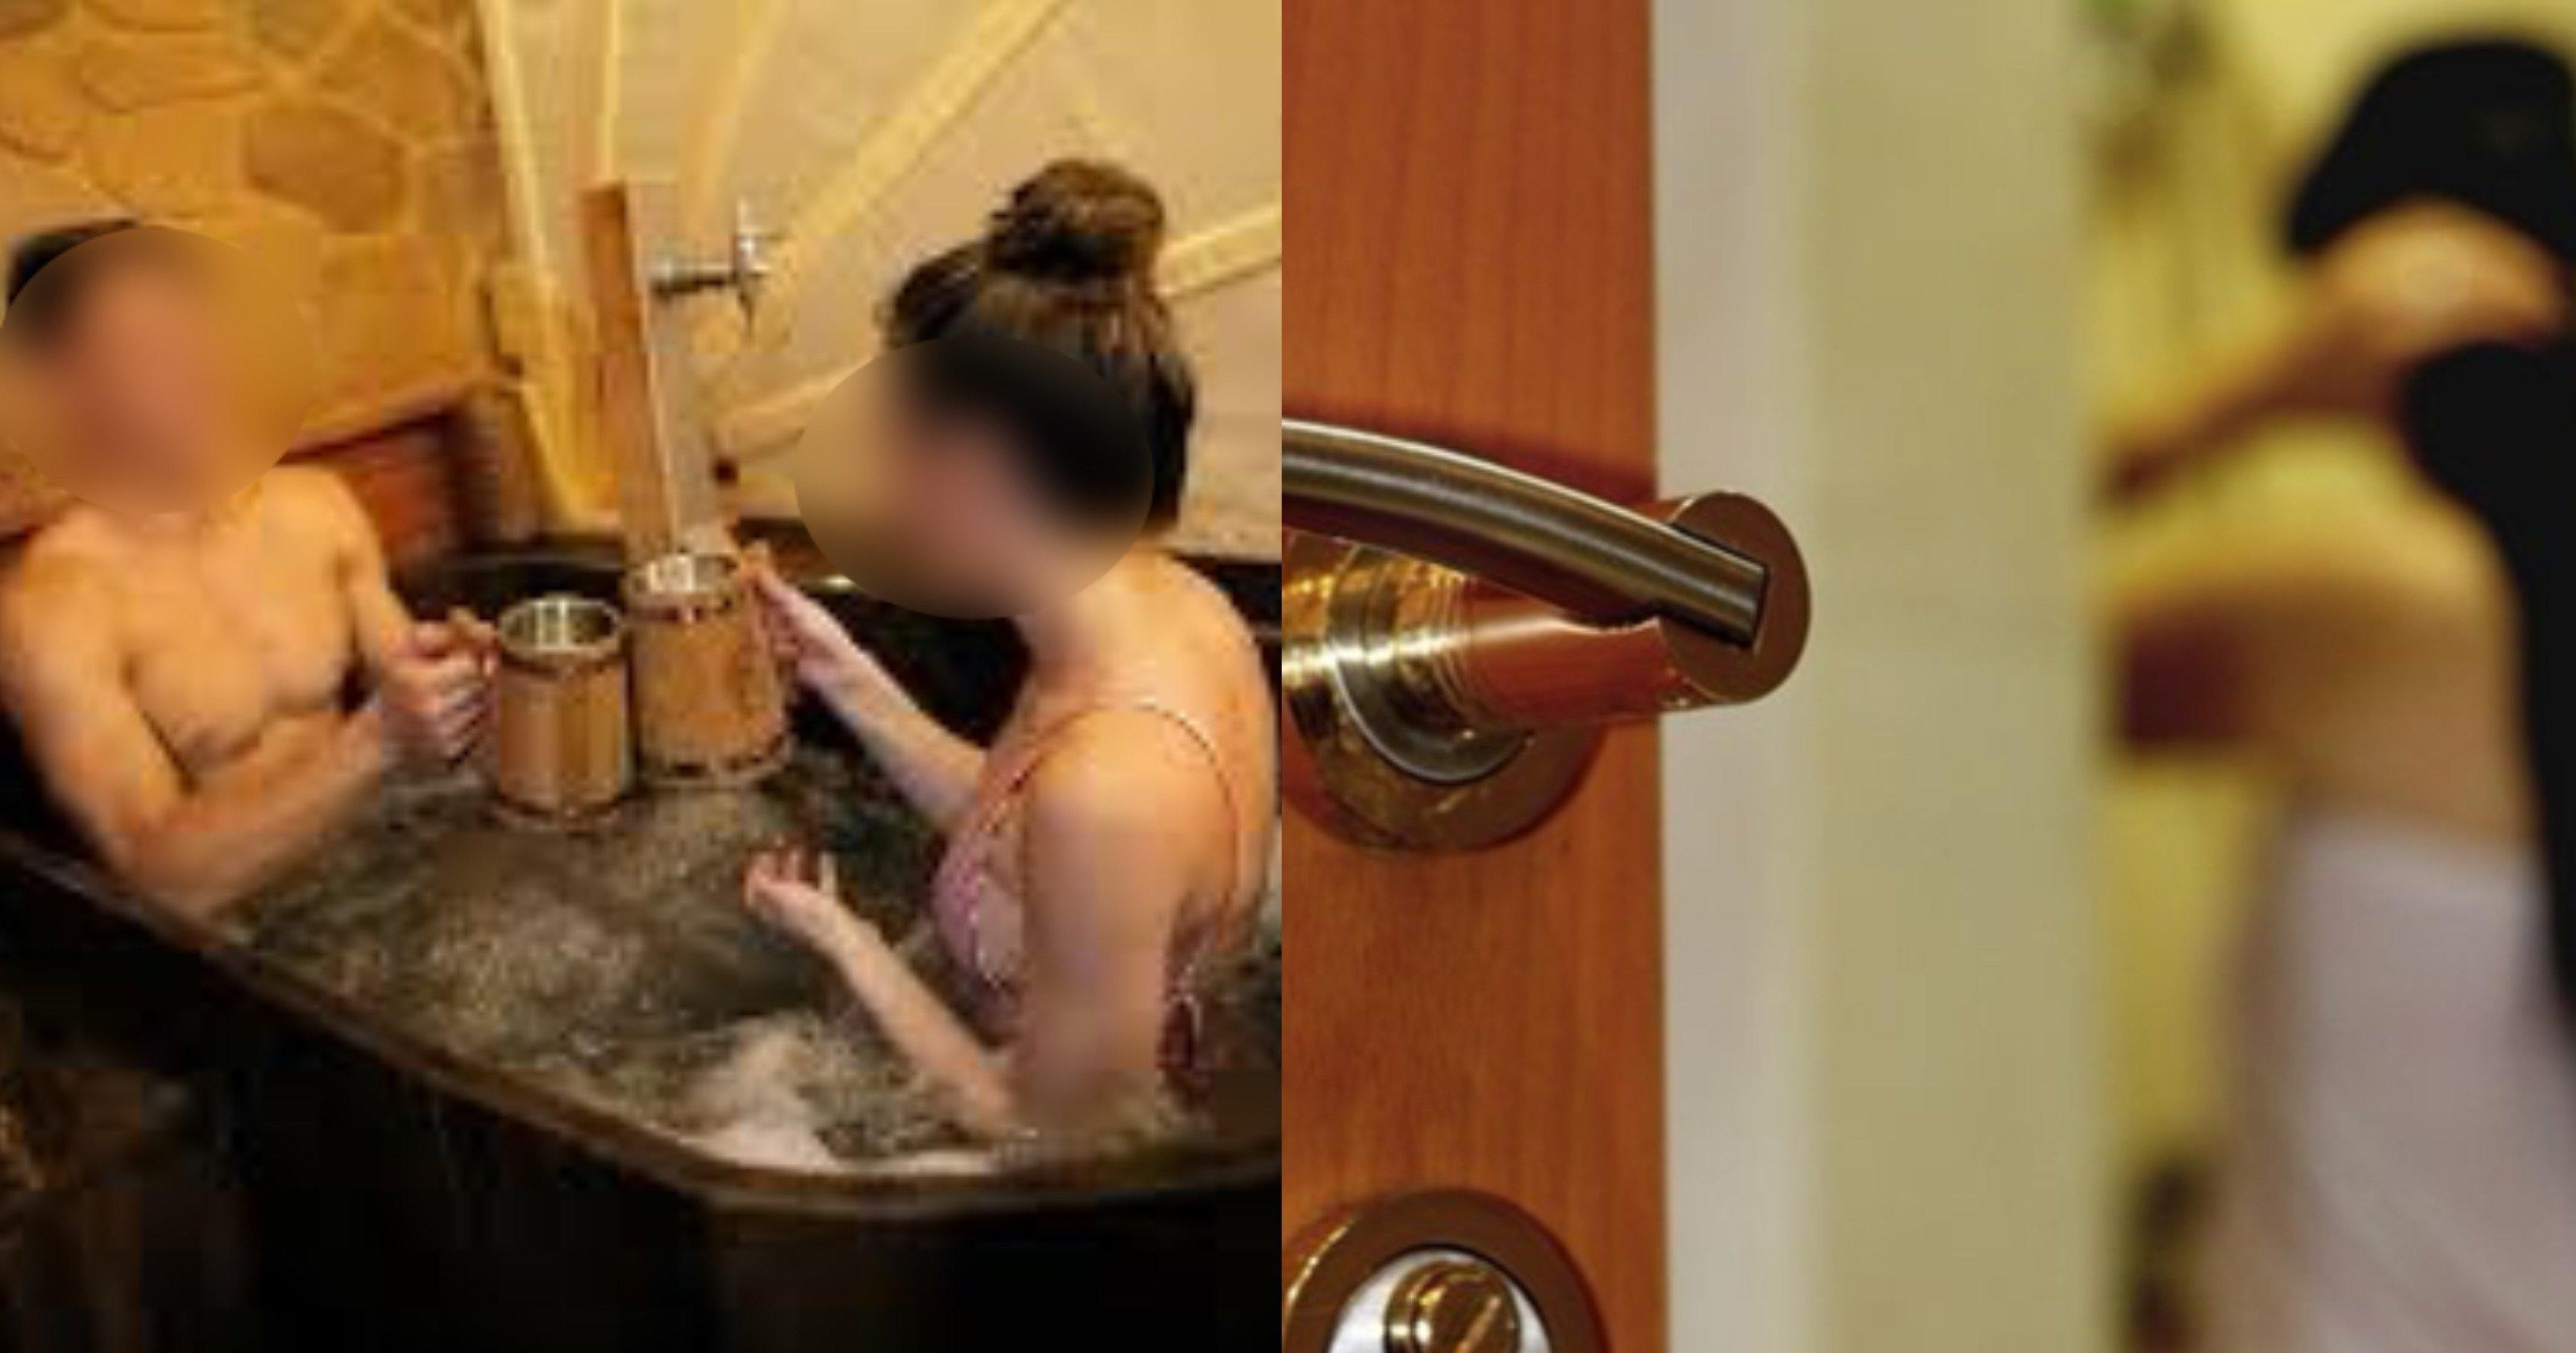 """ec84b1eab480eab384ec8db8eb84ac.jpg?resize=1200,630 - """"너희 성관계는 얼마나 자주하니??...""""...매일 밤 함께 목욕하는 아들 부부가 욕실서 성관계 하는지 확인한 시어머니"""